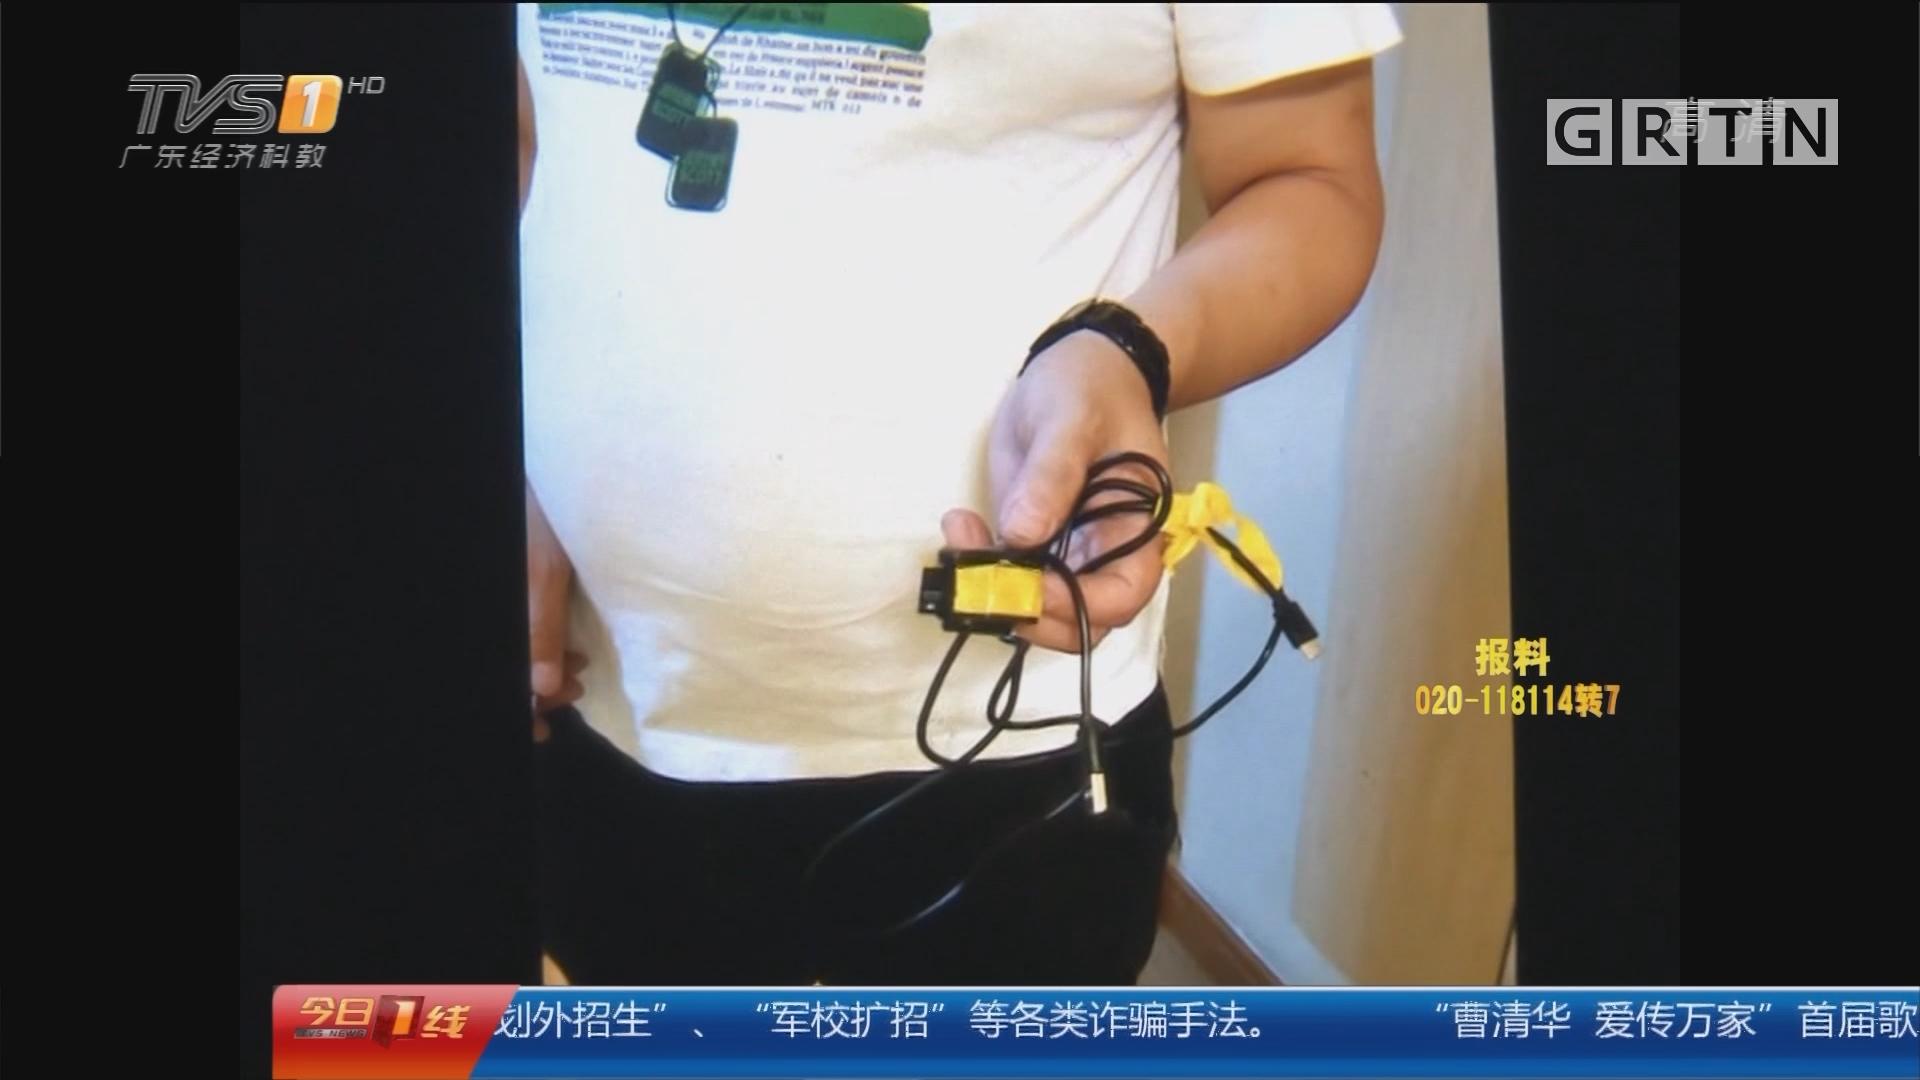 重庆:酒店卫生间内现隐秘摄像头 直对洗澡处